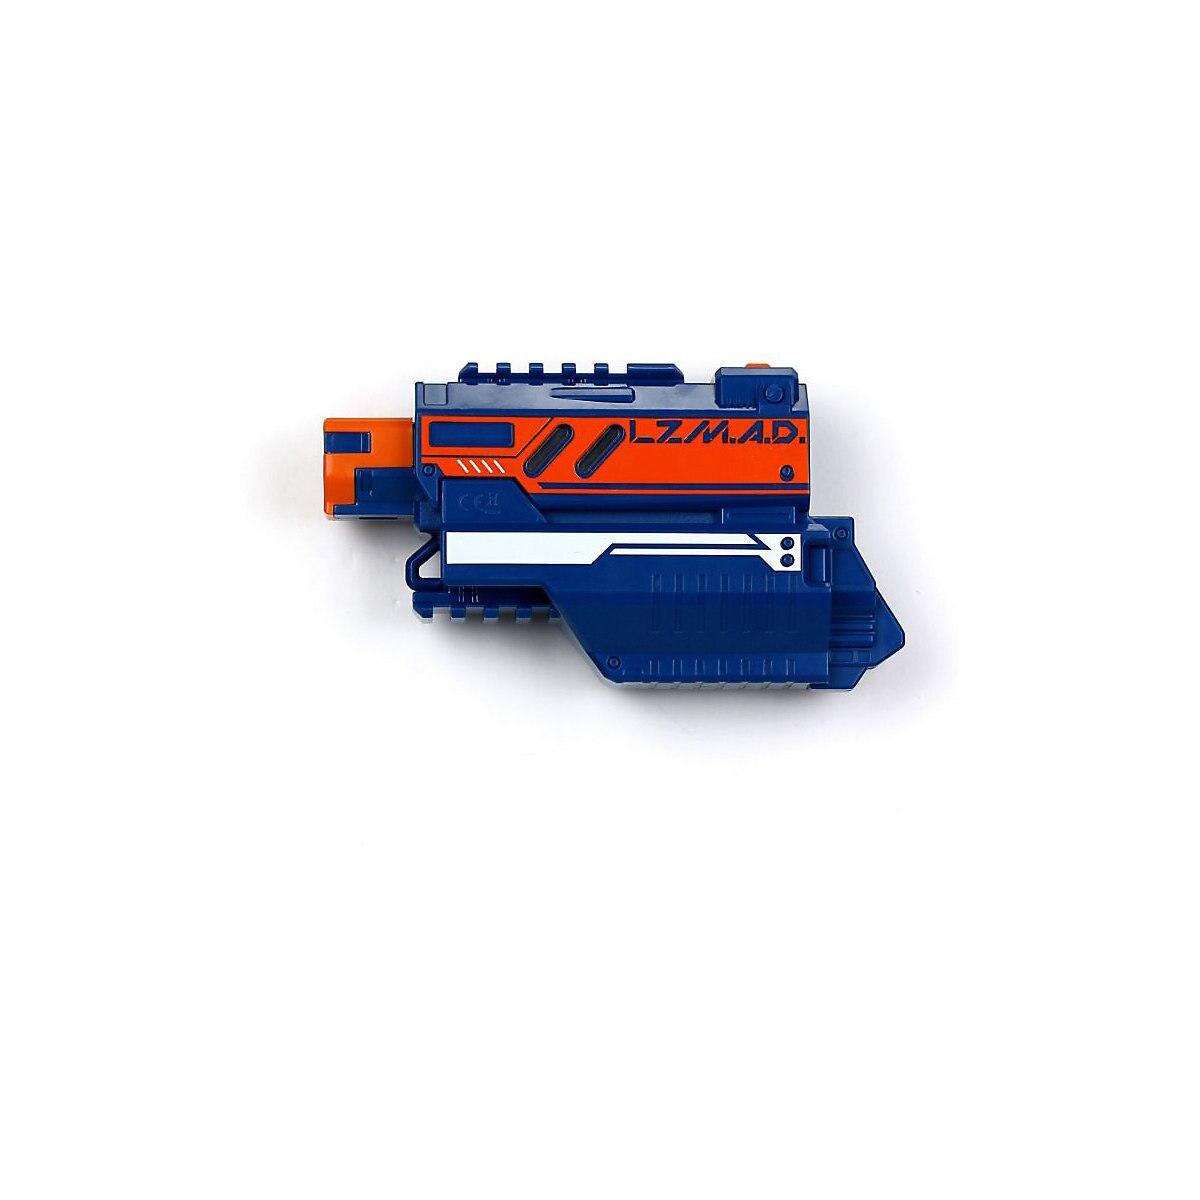 Silverlit Toy Guns 10077719 gun weapon toys games pneumatic blaster boy orbiz revolver Outdoor Fun Sports